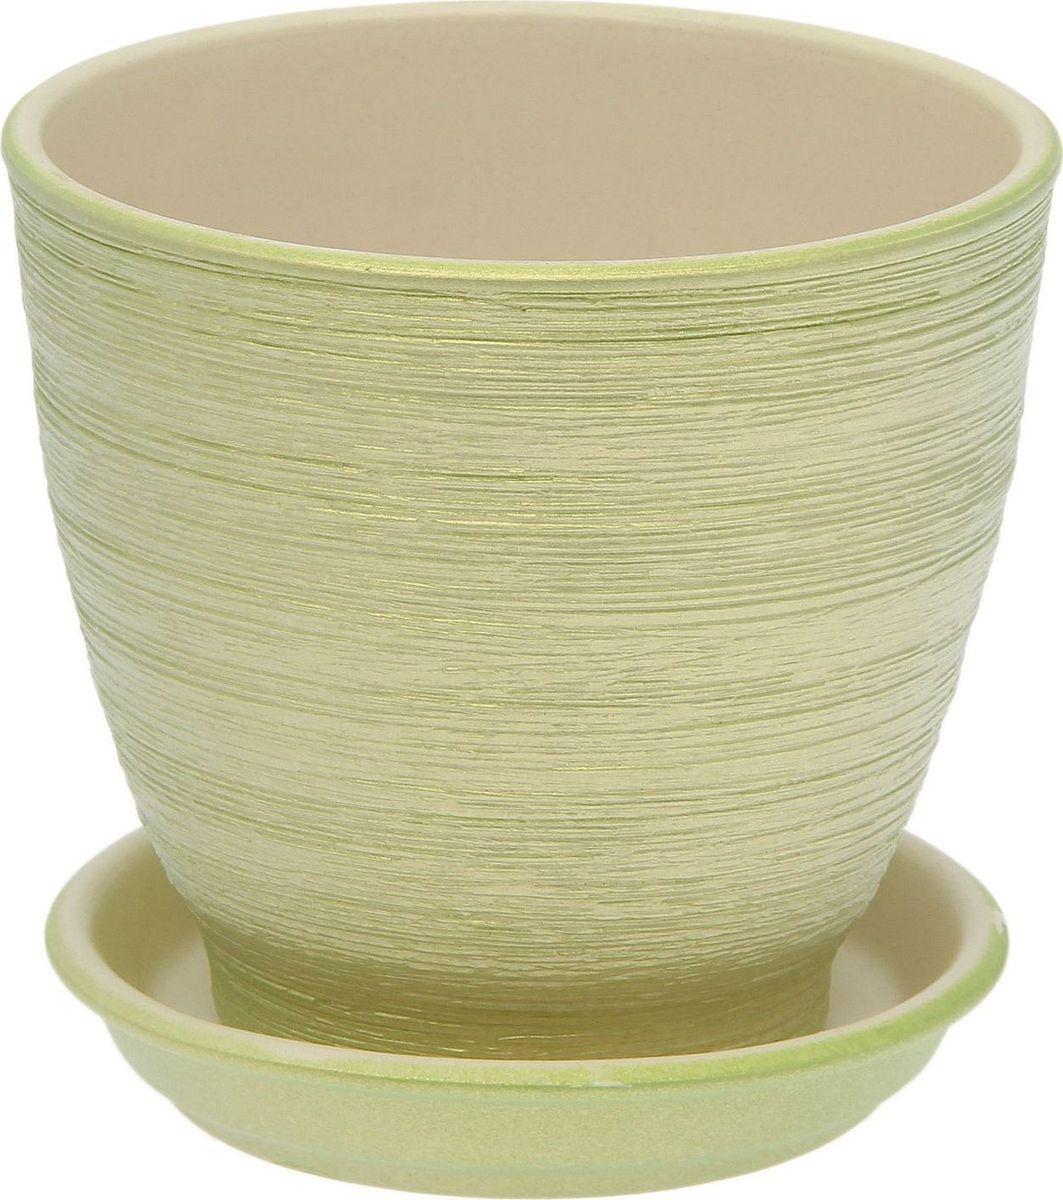 Горшок для цветов Керамика ручной работы Кедр, цвет: салатовый, 1,6 л531-402Комнатные растения — всеобщие любимцы. Они радуют глаз, насыщают помещение кислородом и украшают пространство. Каждому из них необходим свой удобный и красивый дом. Кашпо из керамики прекрасно подходят для высадки растений: за счёт пластичности глины и разных способов обработки существует великое множество форм и дизайновпористый материал позволяет испаряться лишней влагевоздух, необходимый для дыхания корней, проникает сквозь керамические стенки! #name# позаботится о зелёном питомце, освежит интерьер и подчеркнёт его стиль.